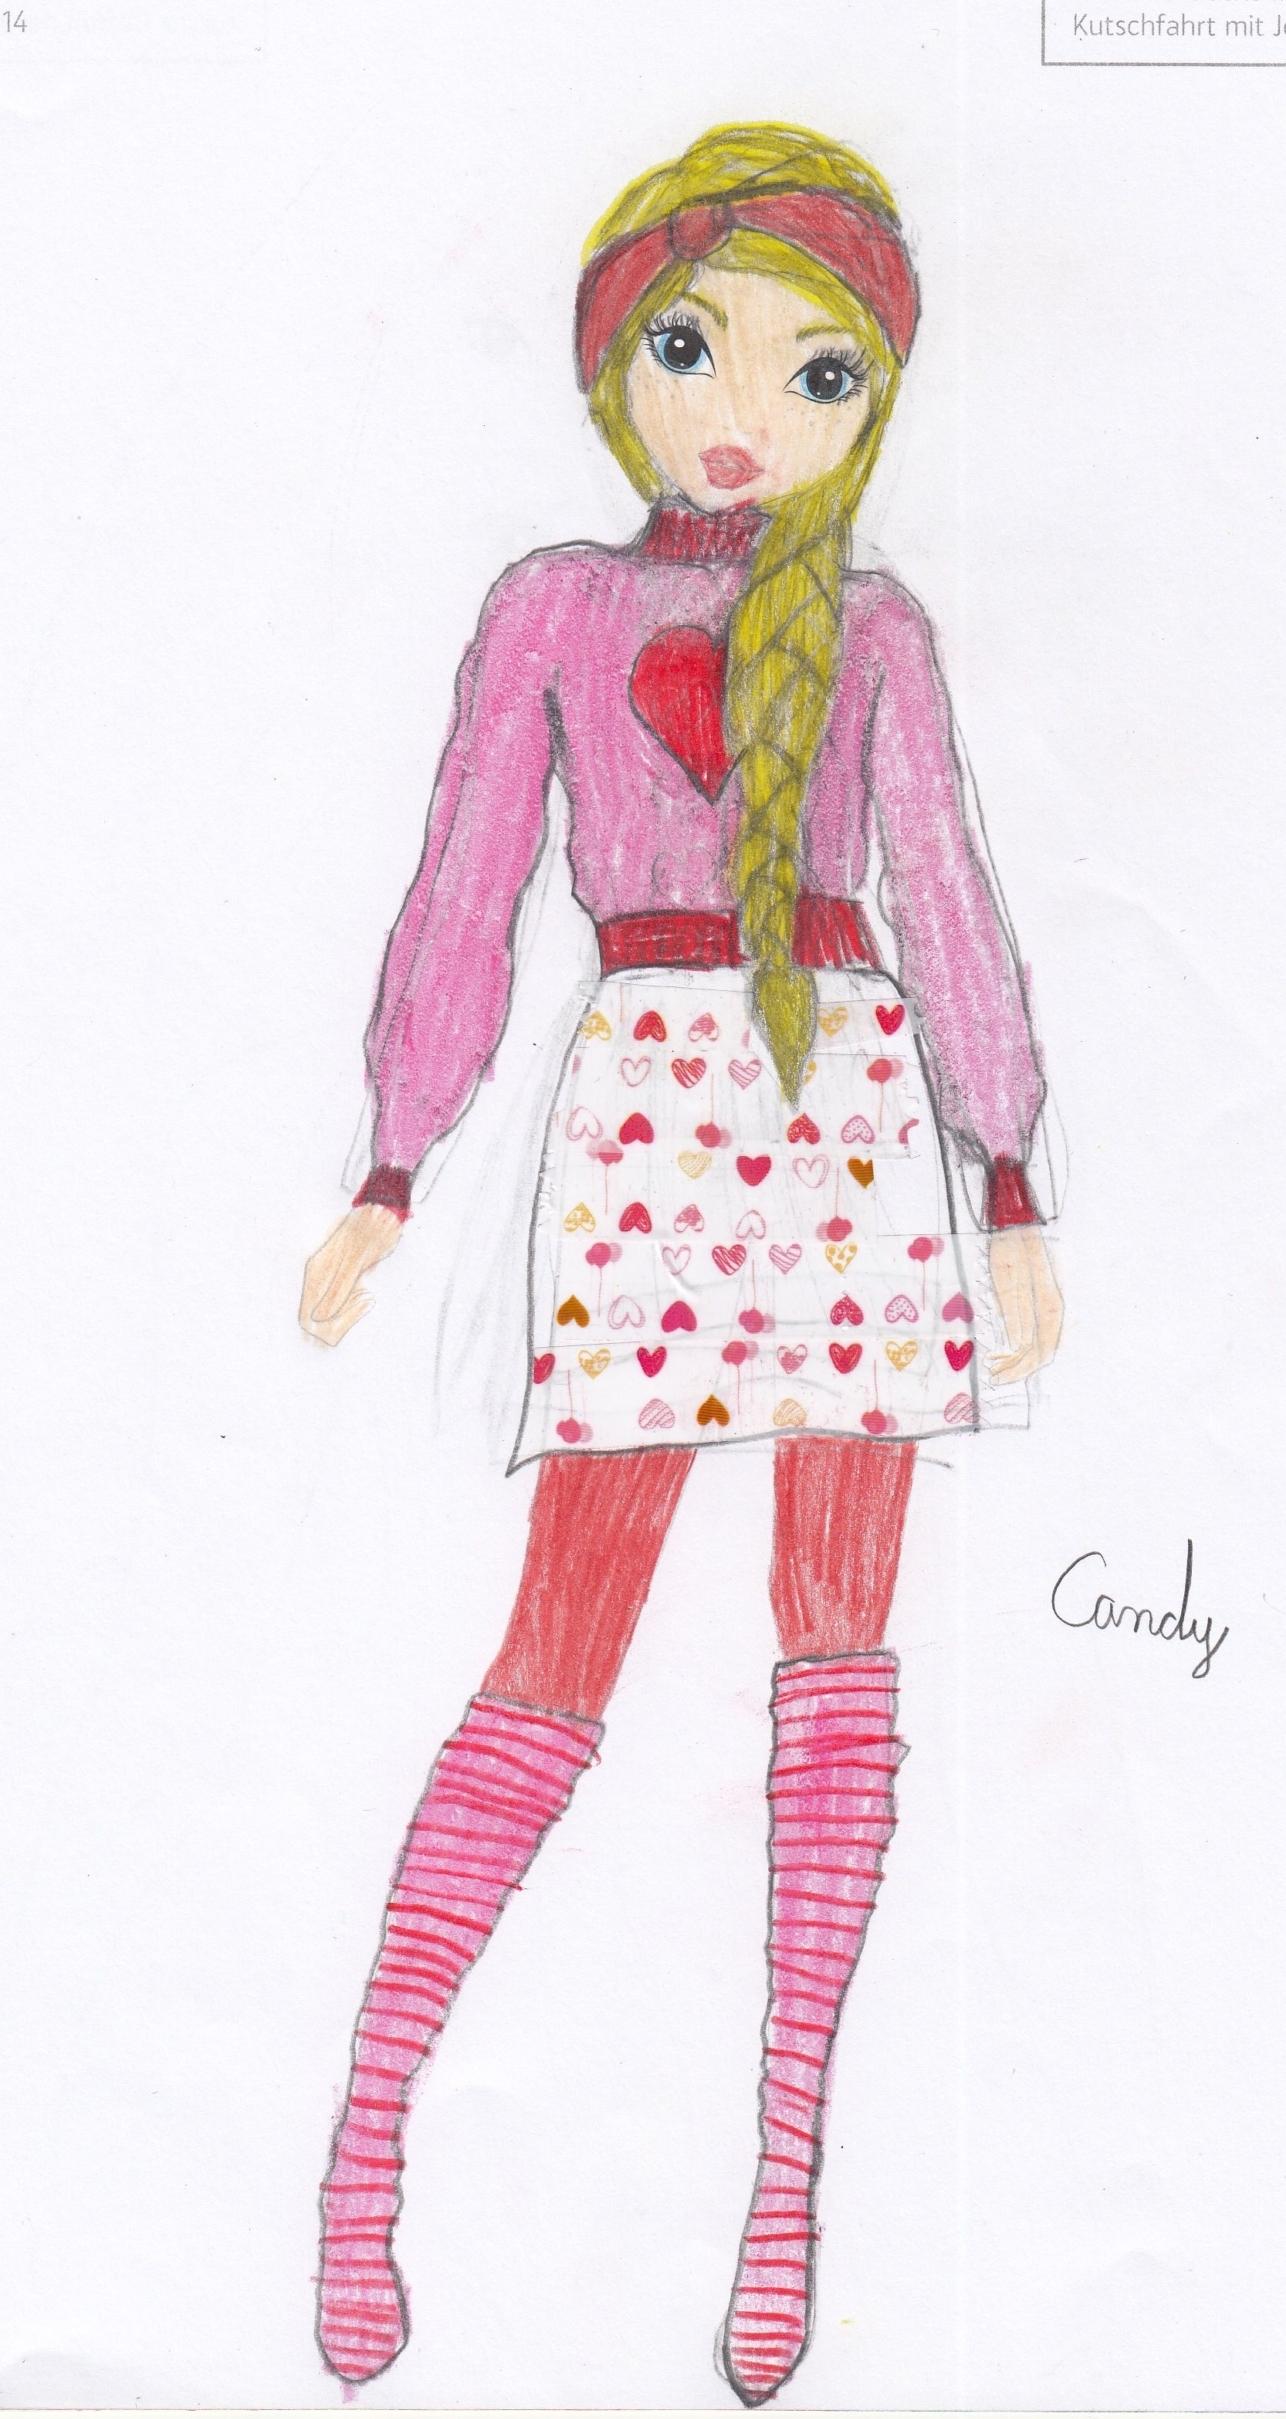 Sophie S., 9 Jahre, aus Lohmar